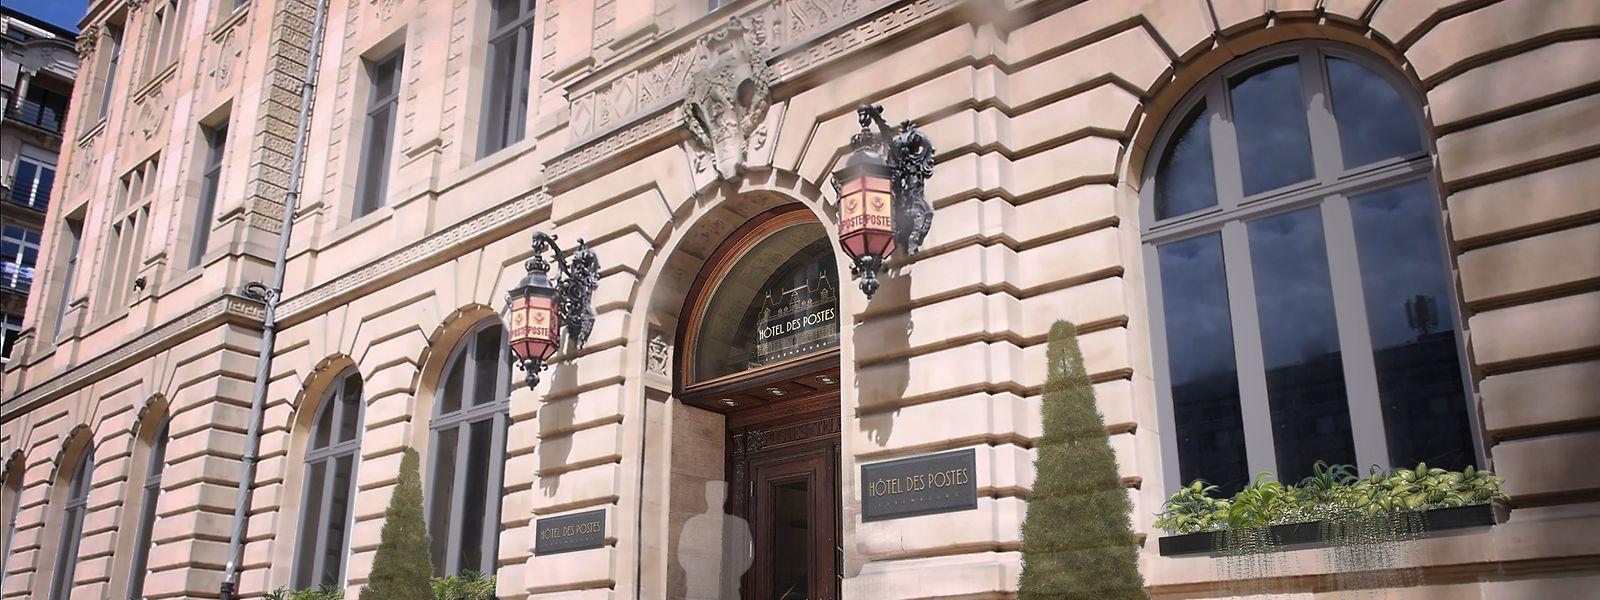 Rein äußerlich wird sich am historischen Postgebäude nichts ändern, da es unter Denkmalschutz steht.